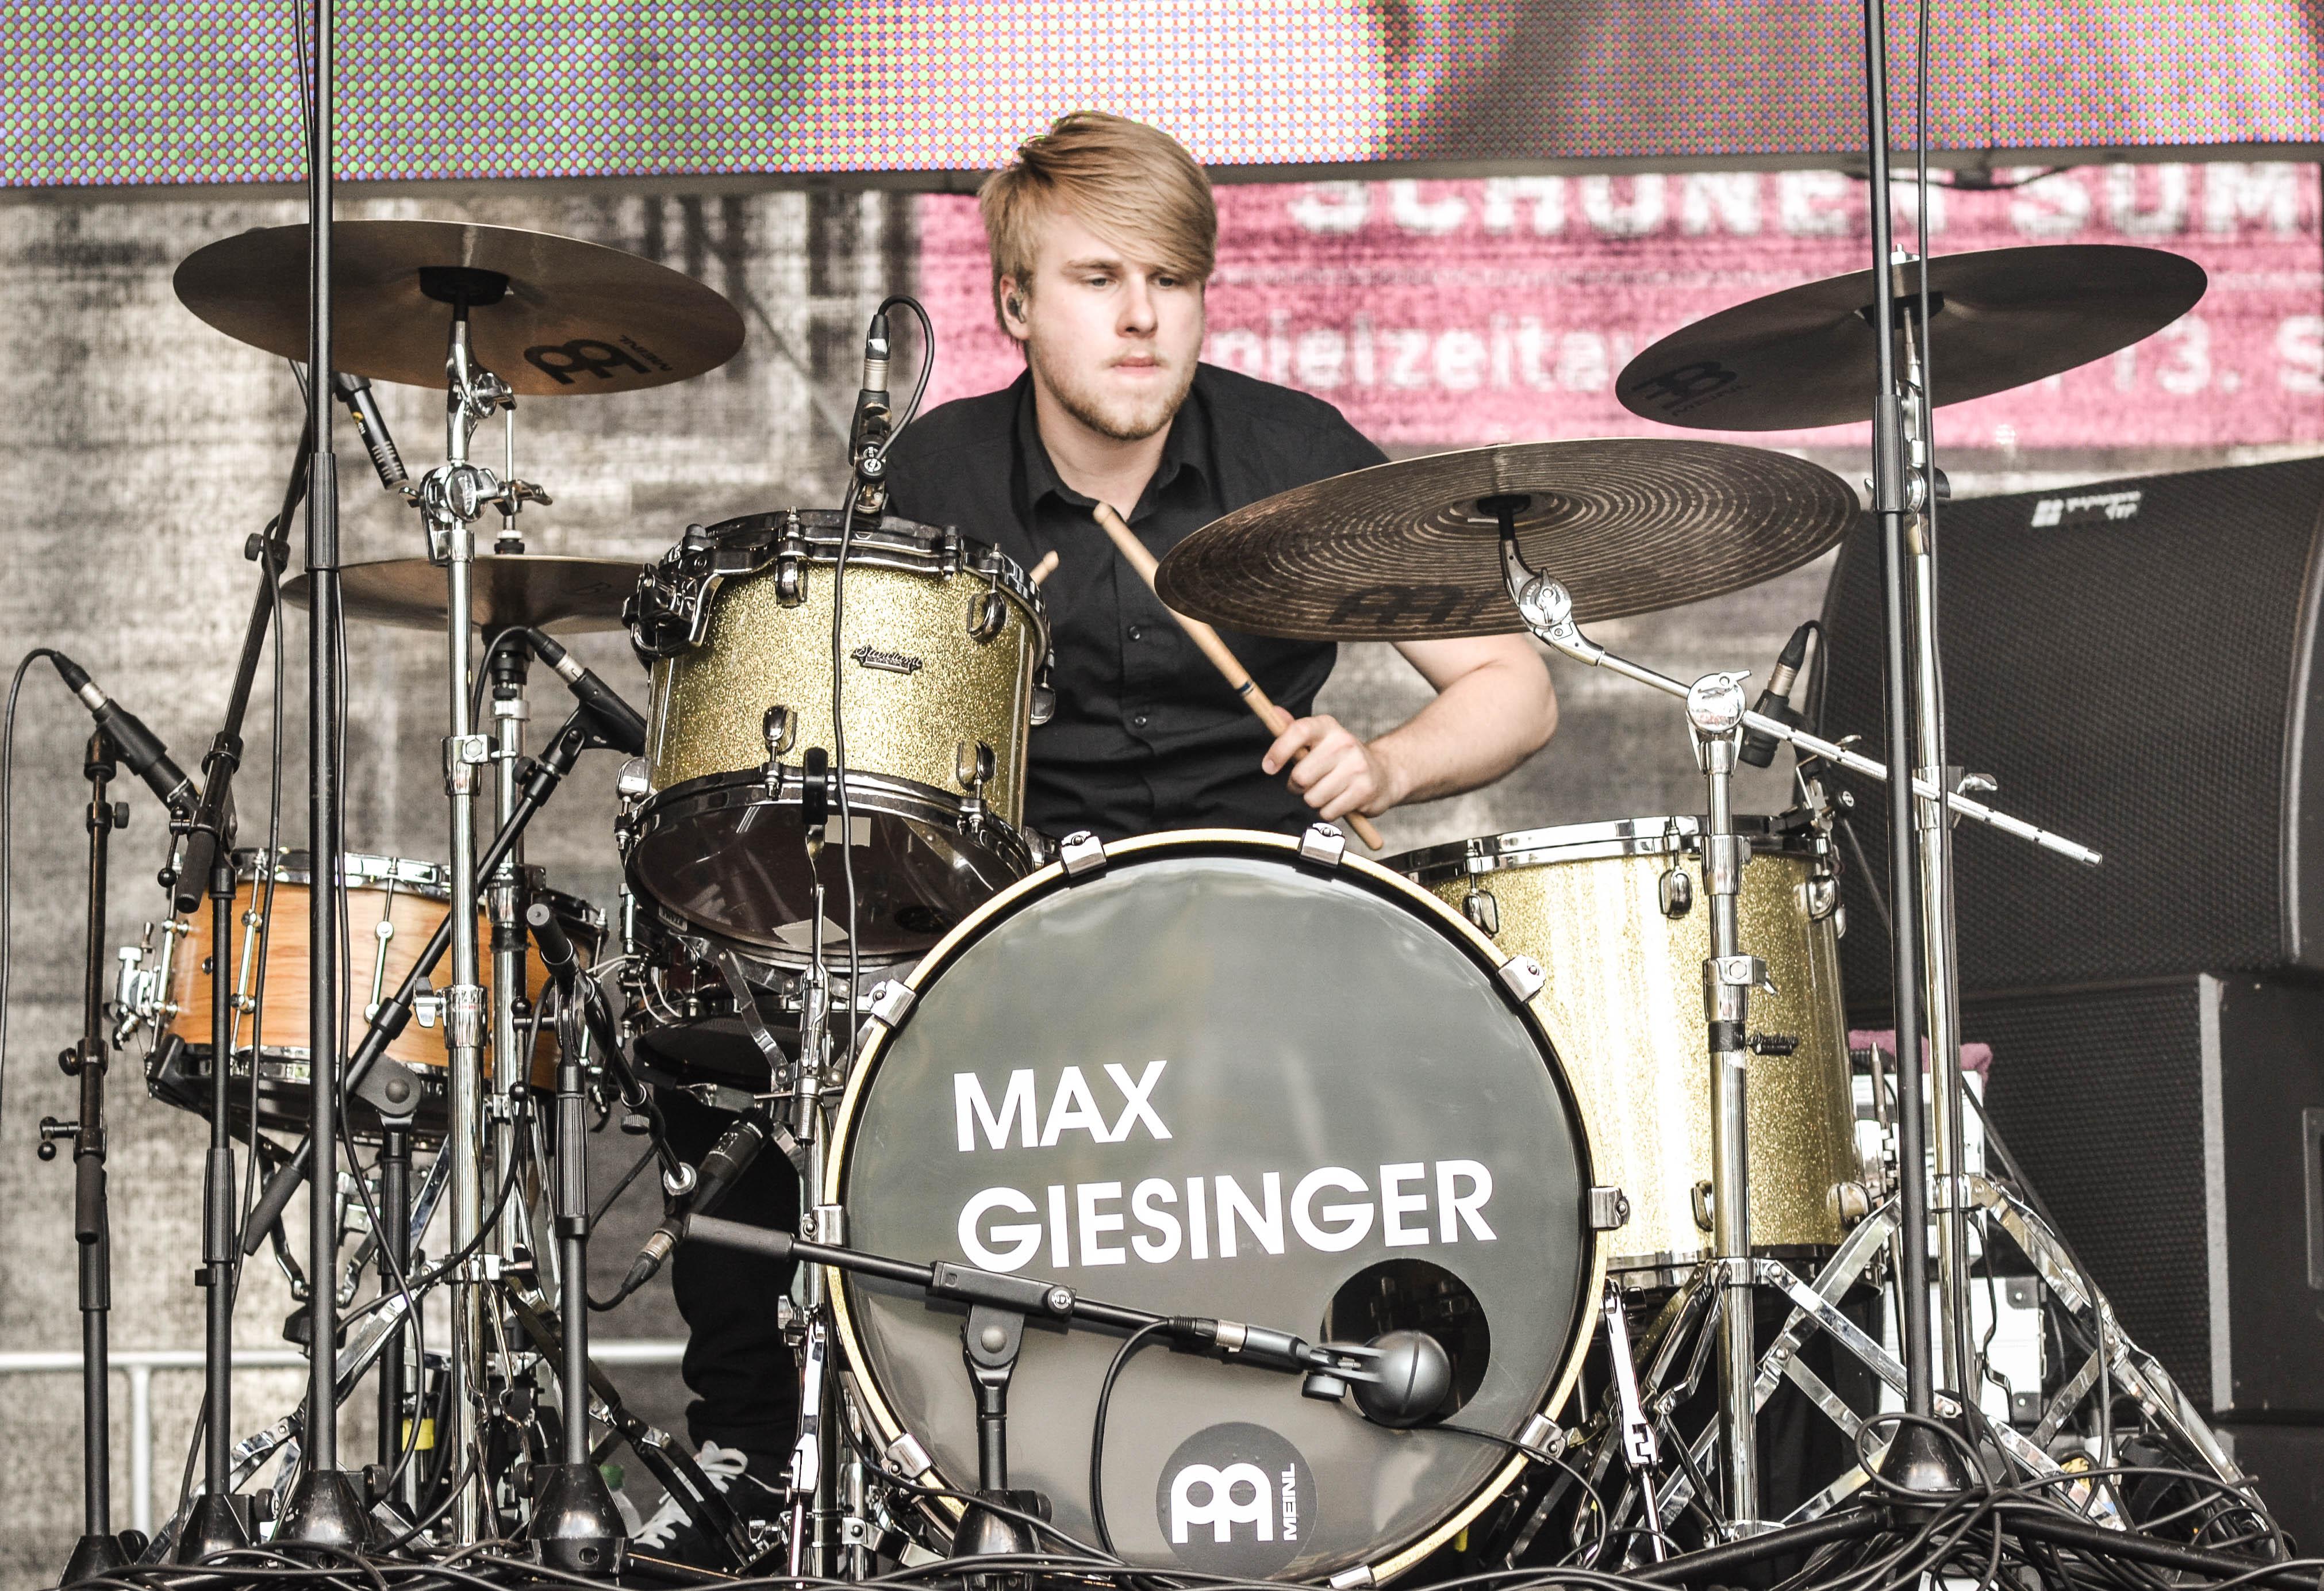 Max Giesinger - Saarbrücken 03.08.20